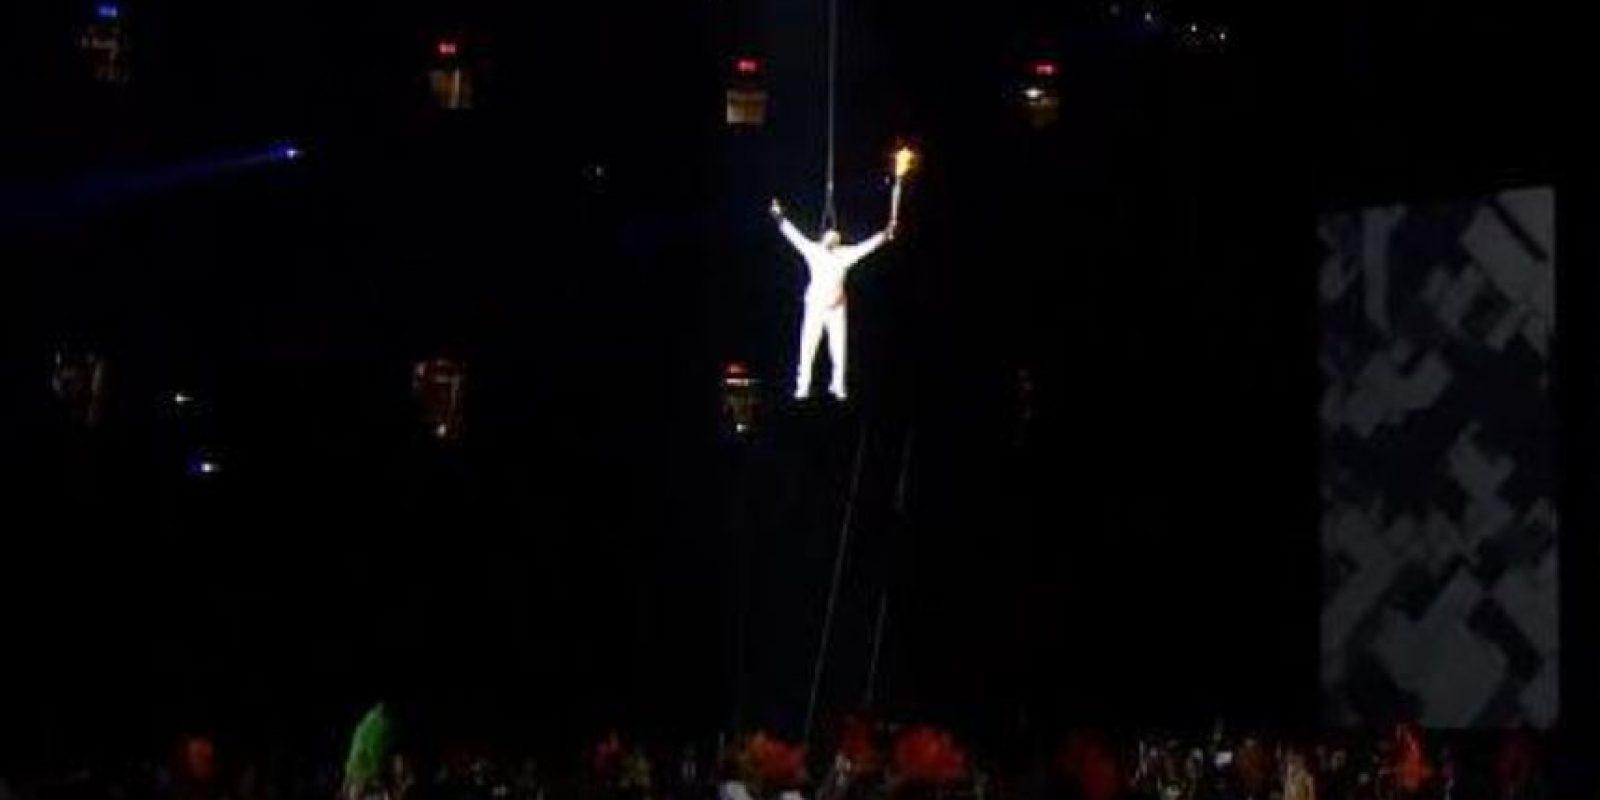 Donovan Bailey protagonizó el gran momento en el que la antorcha olímpica fue puesta en su lugar en plena inauguración de los Juegos Panamericanos. Foto:vía Twitter